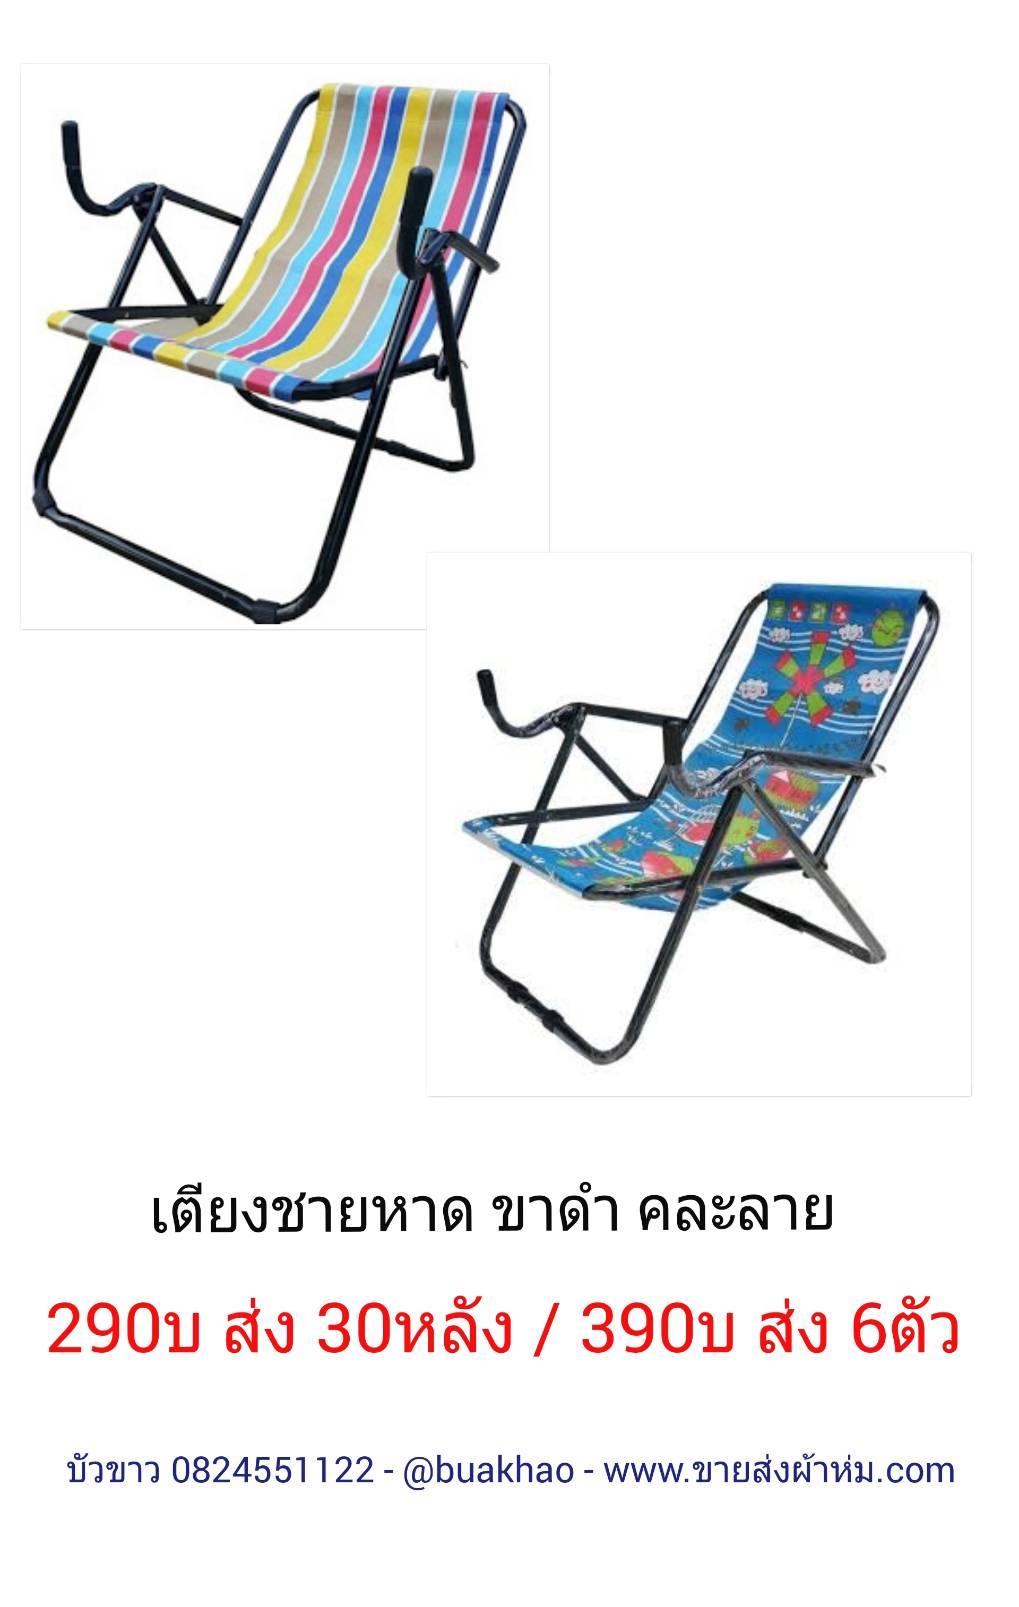 เก้าอี้ชายหาด ขาดำ ตัวละ 290บ ส่ง 30ตัว